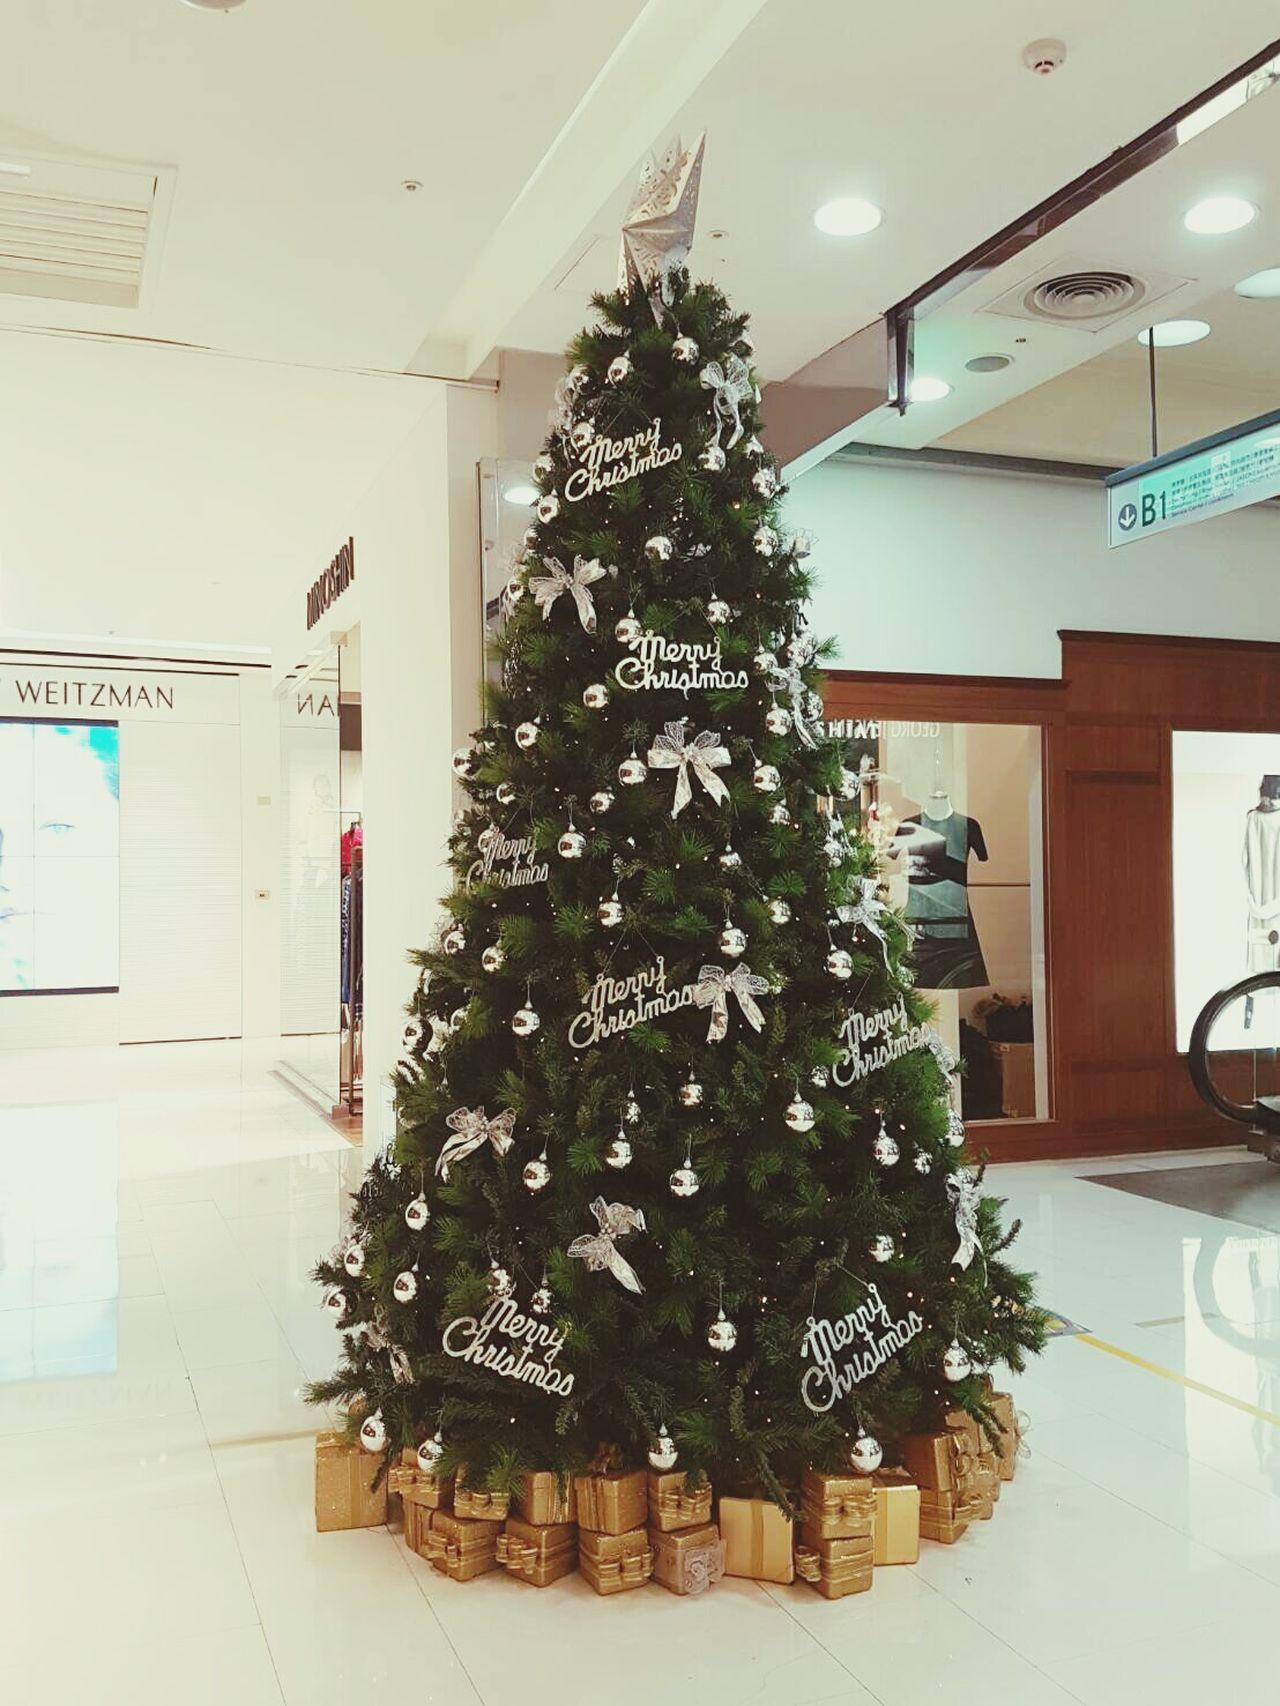 簡單就是美 Tree🎄🎄🎄 Christmas Tree Christmas Christmas Decoration Illuminated Indoors  Christmas Lights Living Room Tradition Green Color Celebration No People Christmas Ornament Day